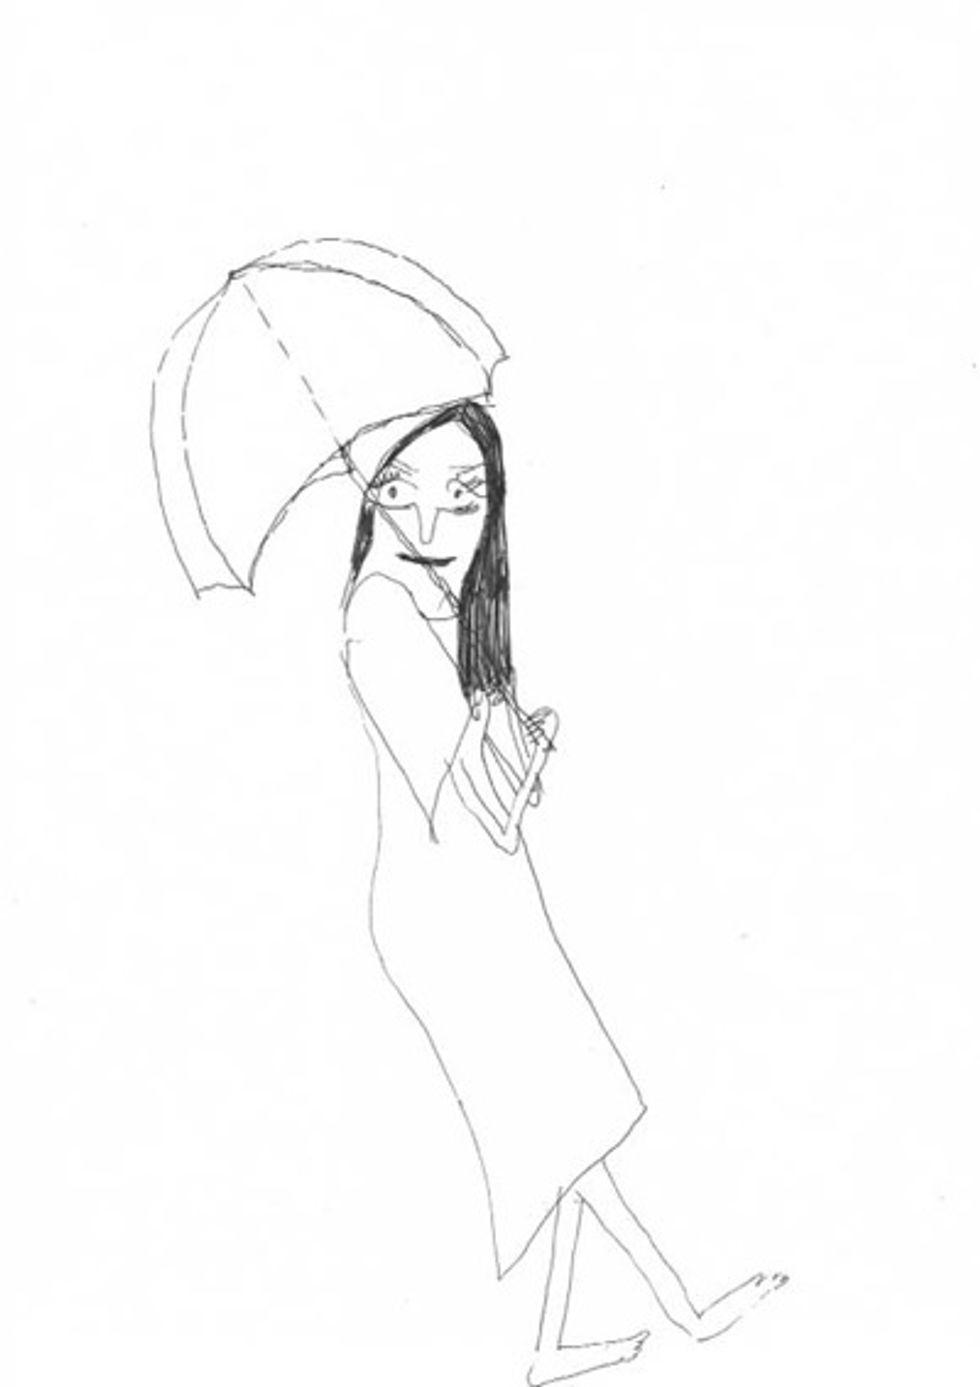 Alissa McKendrick's Ladies With Umbrellas